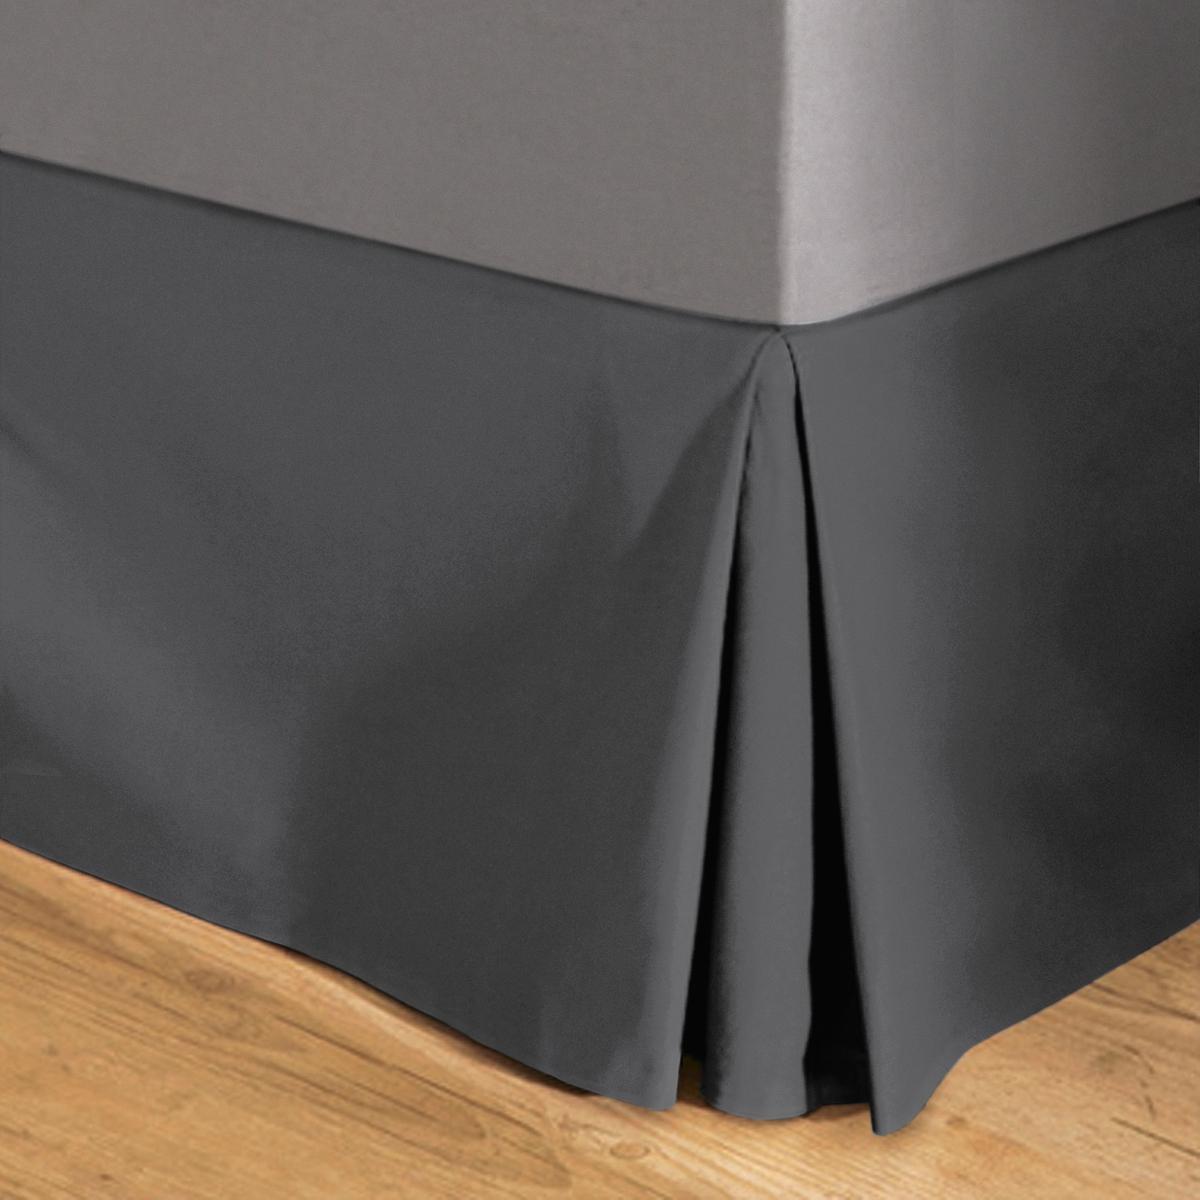 НаматрасникПлотная, очень прочная и простая в уходе ткань, 100% хлопка (215 г/м?) .Еще один плюс в ваш декор с этим наматрасником, сочетающимся с покрывалами, подушками и шторами из коллекции Sc?nario   !Характеристики наматрасника :- Закрывает 3 стороны кровати (изголовье не закрывается).- Высота клапанов : 30 см.-  Отделка встречными складками.- Машинная стирка при 40°.Сертификат Oeko-Tex® дает гарантию того, что товары изготовлены без применения химических средств и не представляют опасности для здоровья человека... . ..  : : . .  : .  : . .  !  :<br><br>Цвет: белый,вишневый,медовый,синий индиго,сливовый,темно-серый,черный,экрю<br>Размер: 90 x 190  см.140 x 190  см.90 x 190  см.140 x 190  см.160 x 200  см.180 x 200  см